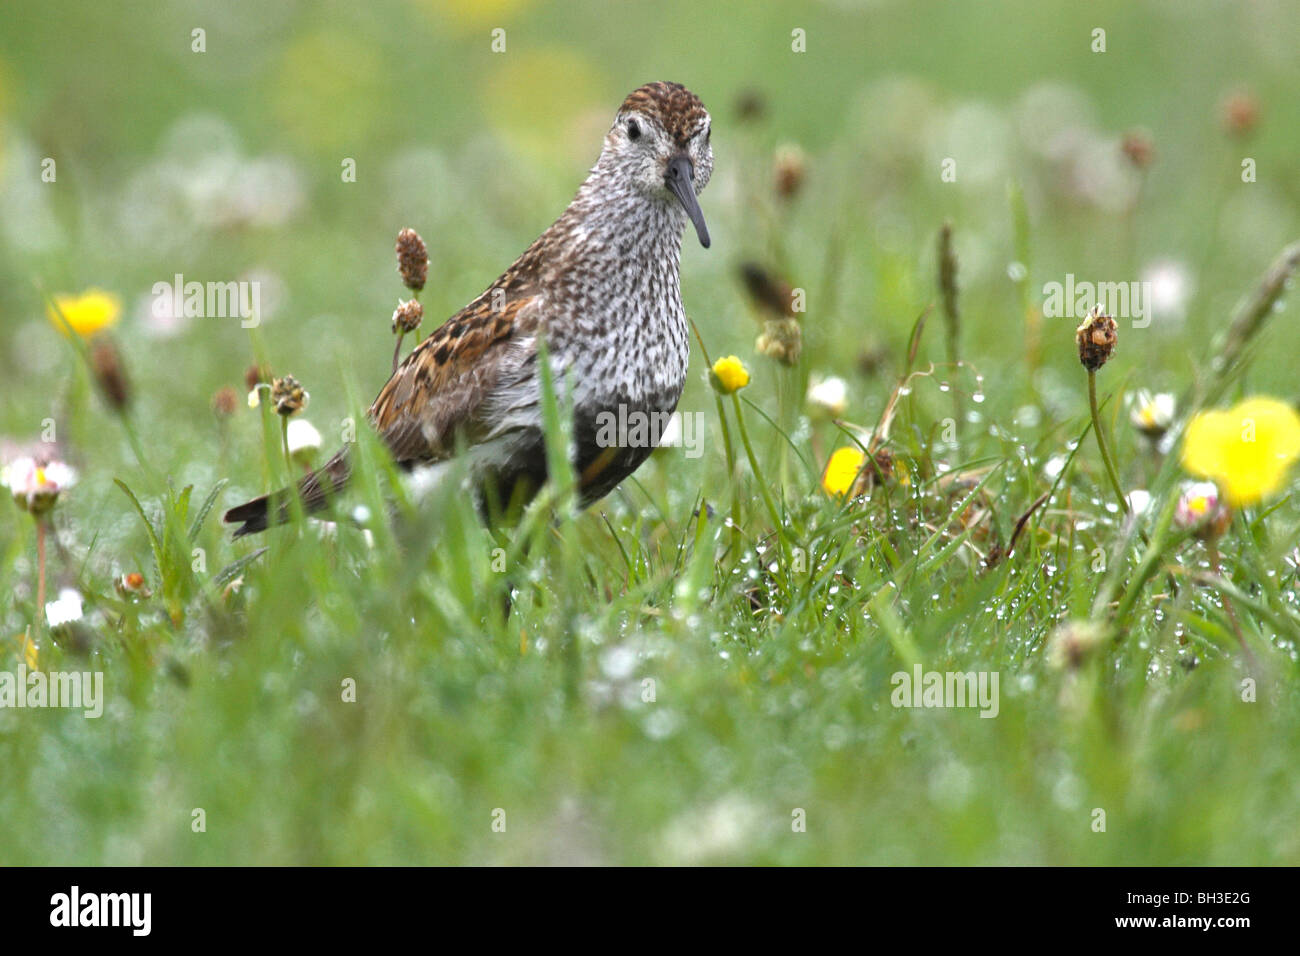 Dunlin in breeding plumage. Bernaray, Outer Hebrides, Scotland - Stock Image